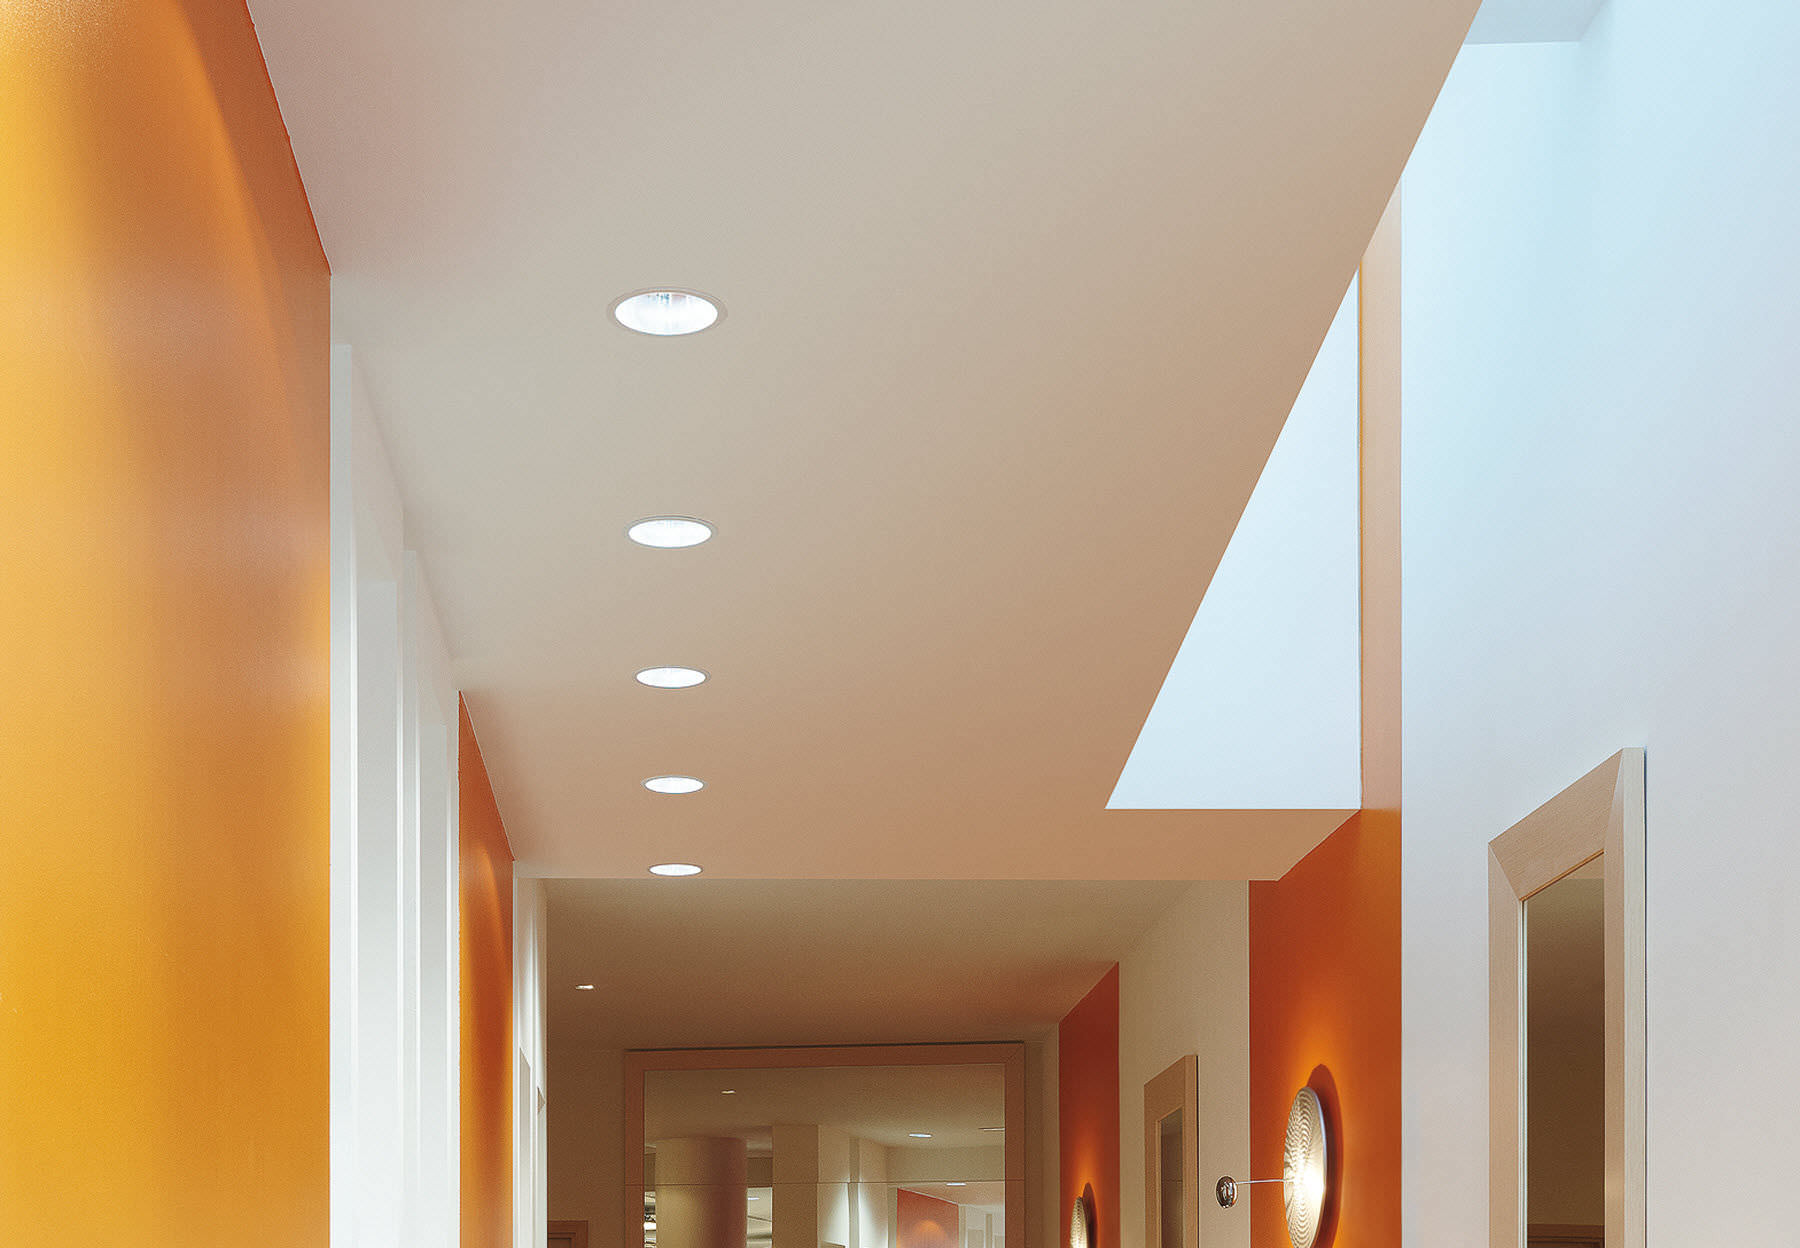 Boutique De Luz (Iluminación):        Artefactos Para Embutir En El Techo